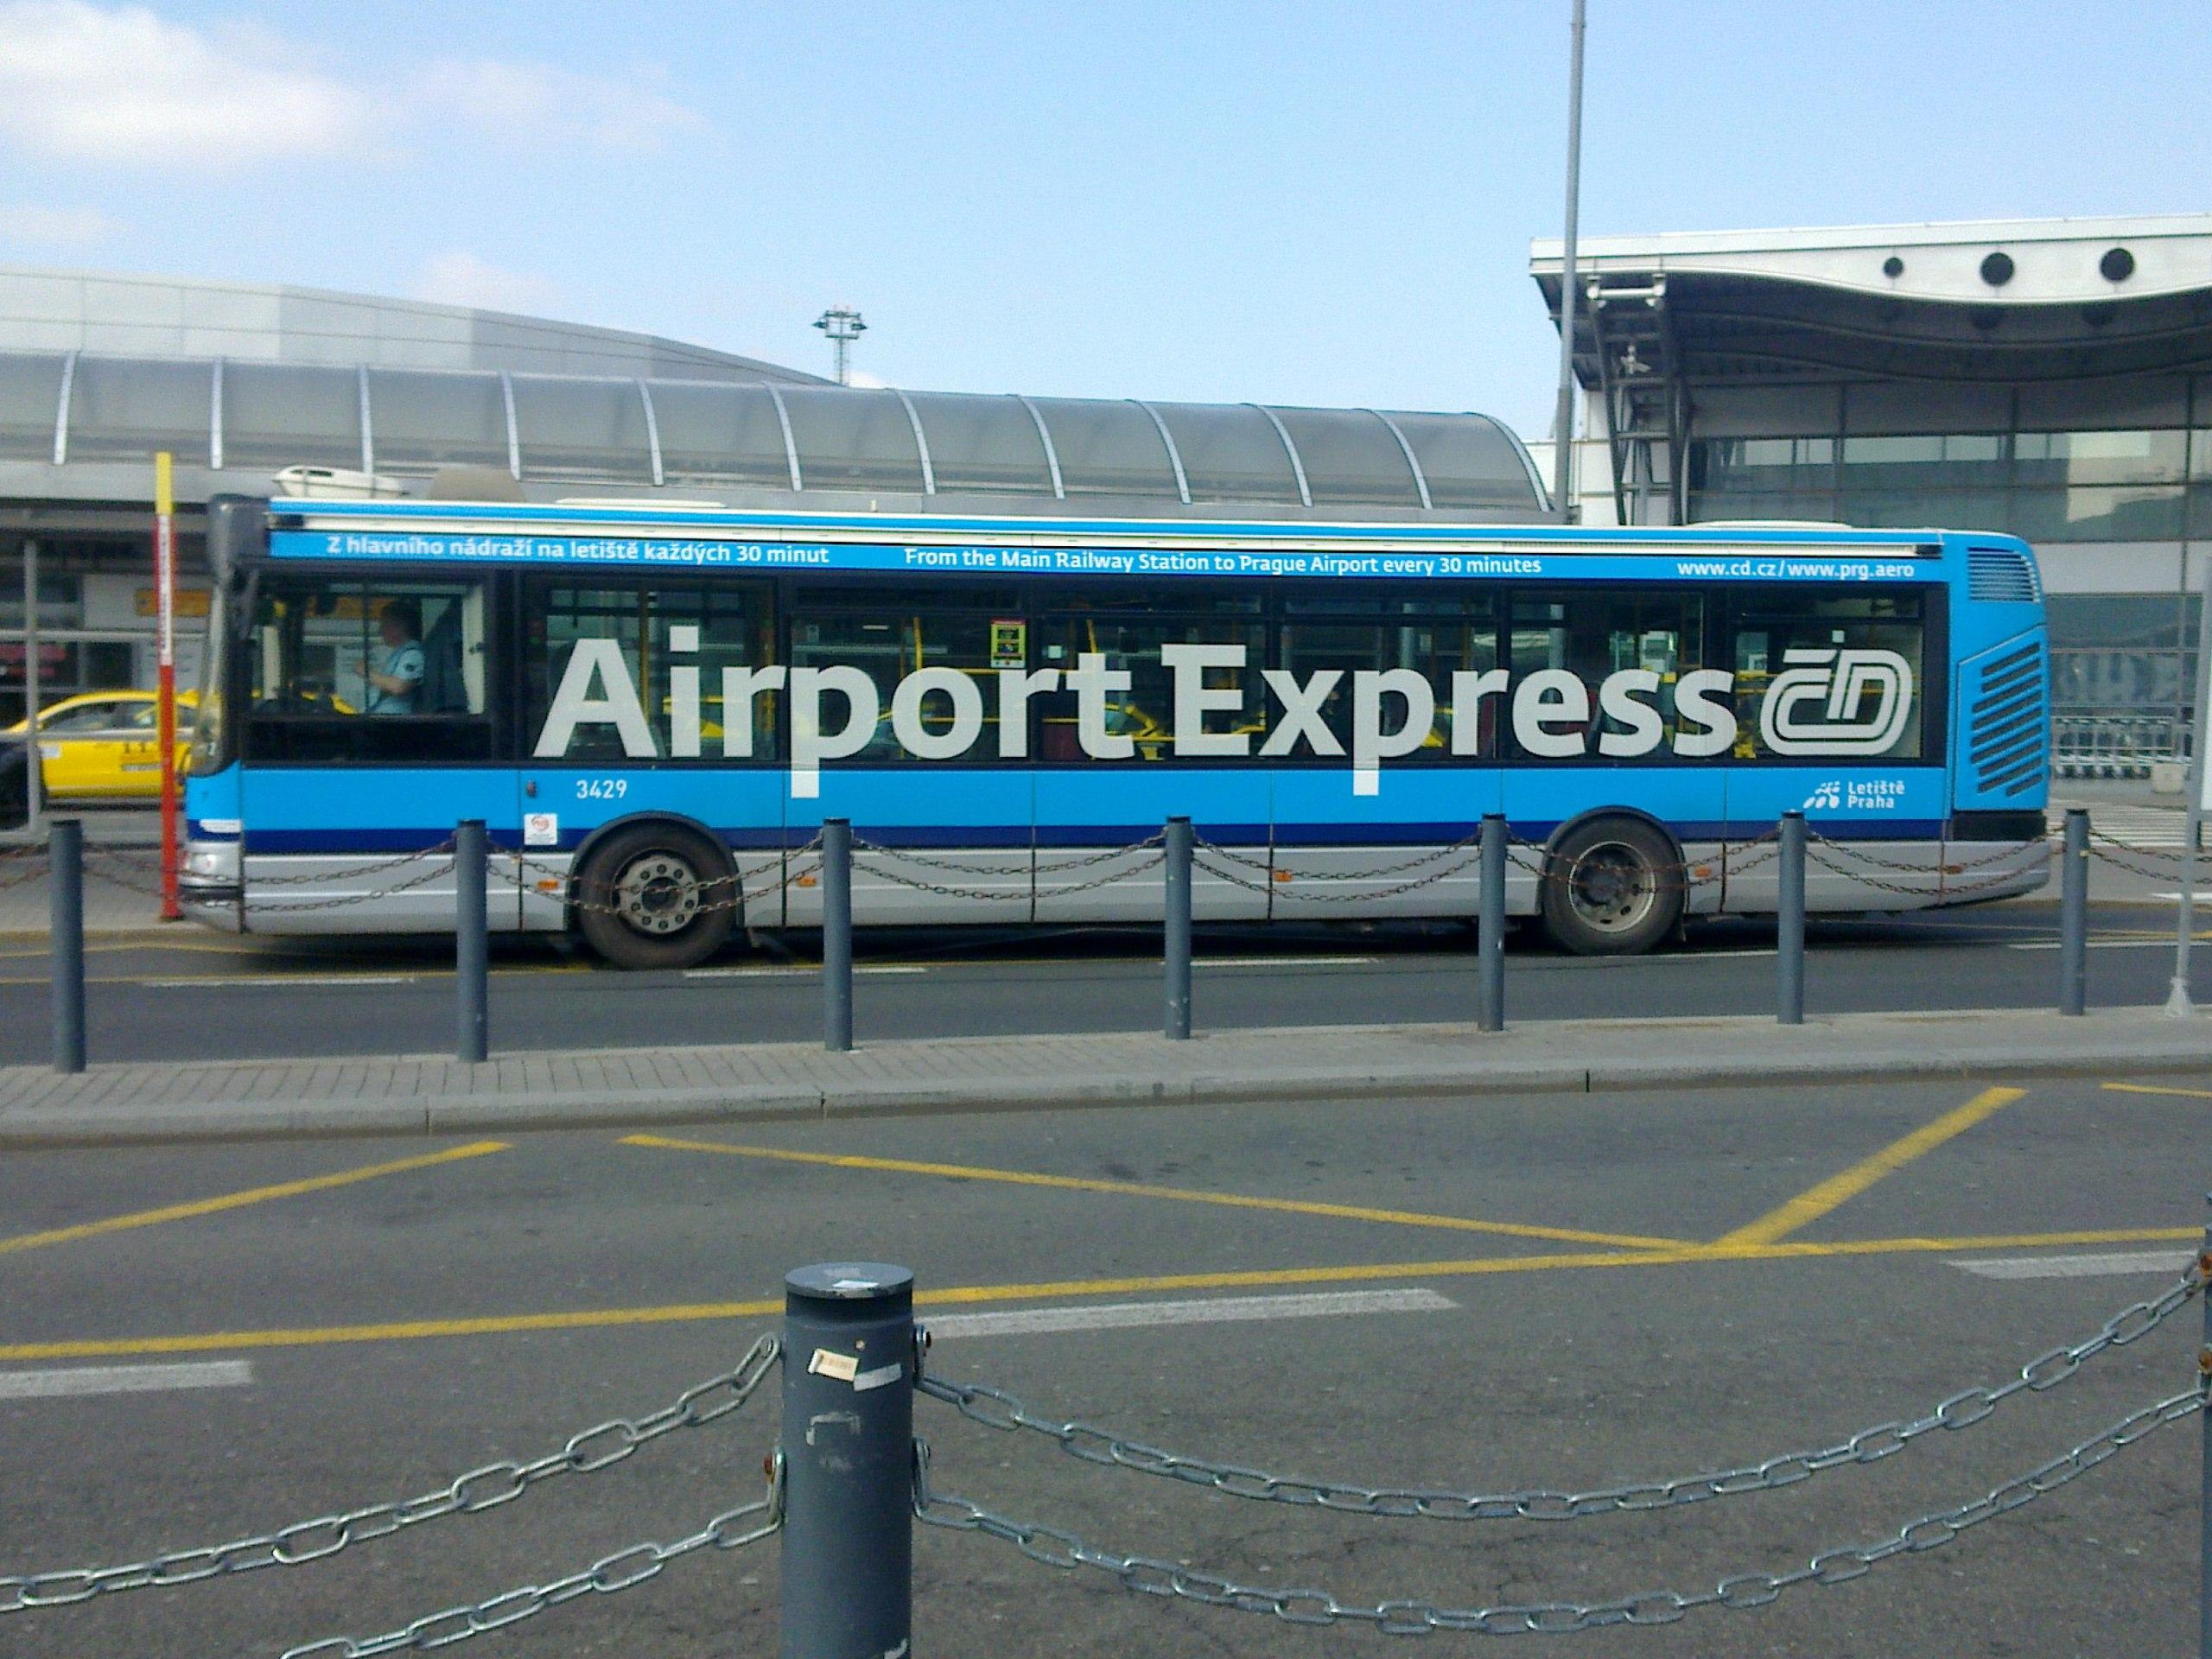 Автобус Airport Express в аэропорту Праги